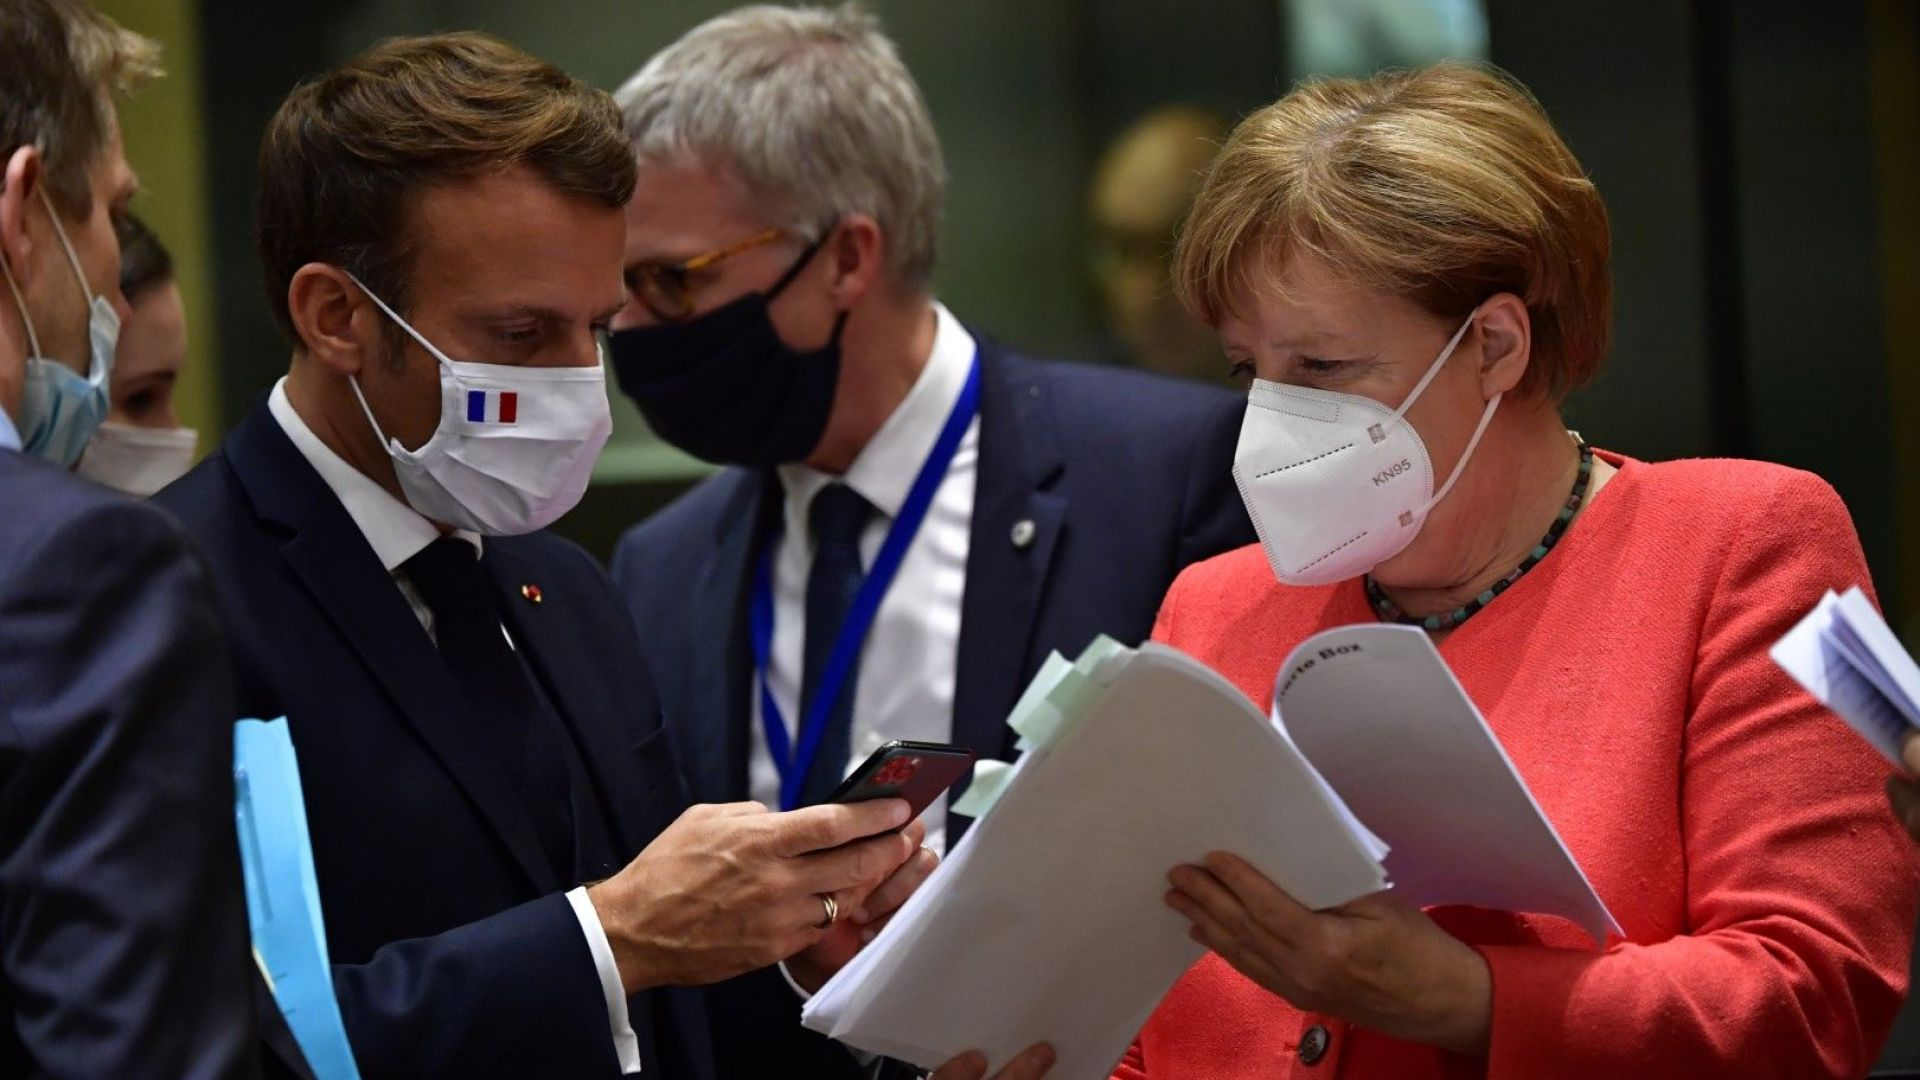 Сделка! Евролидерите стигнаха до €1.82 трлн. за бюджет и възстановяване